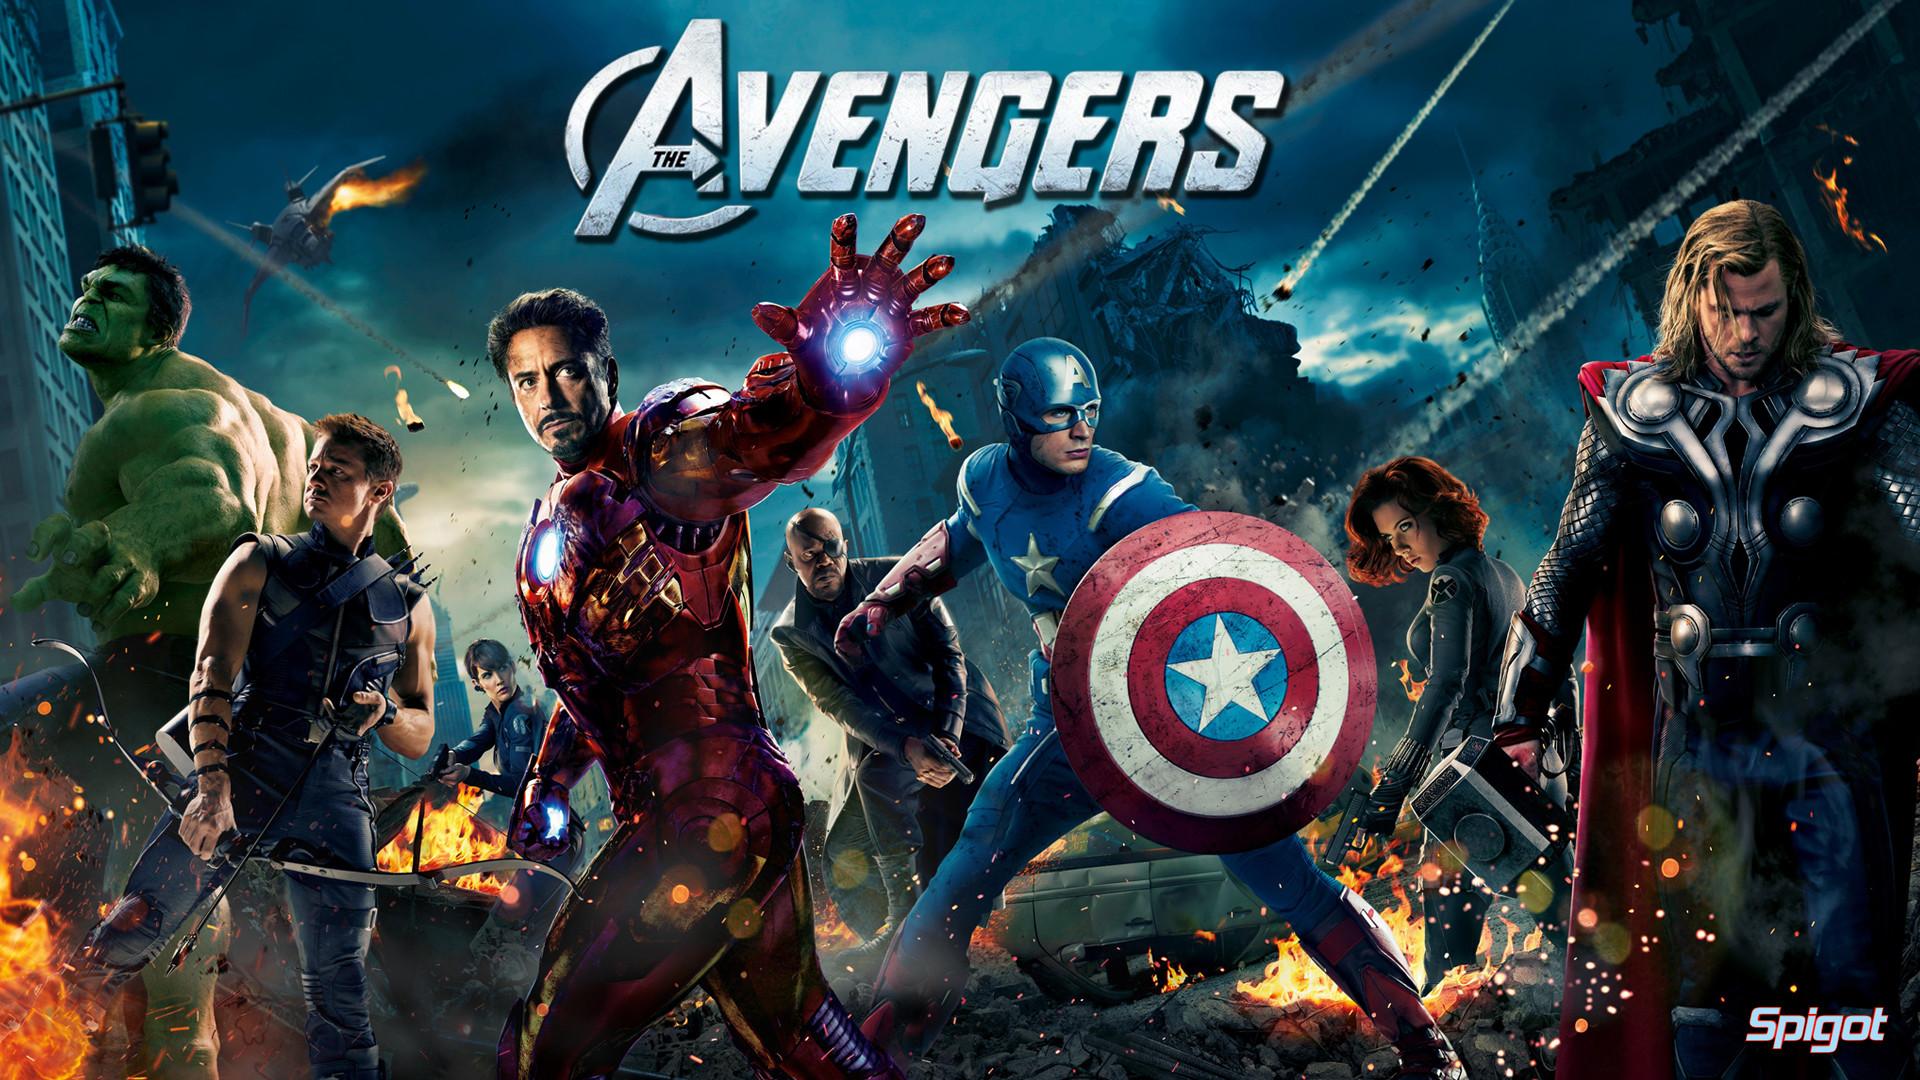 The Avengers Wallpaper Desktop